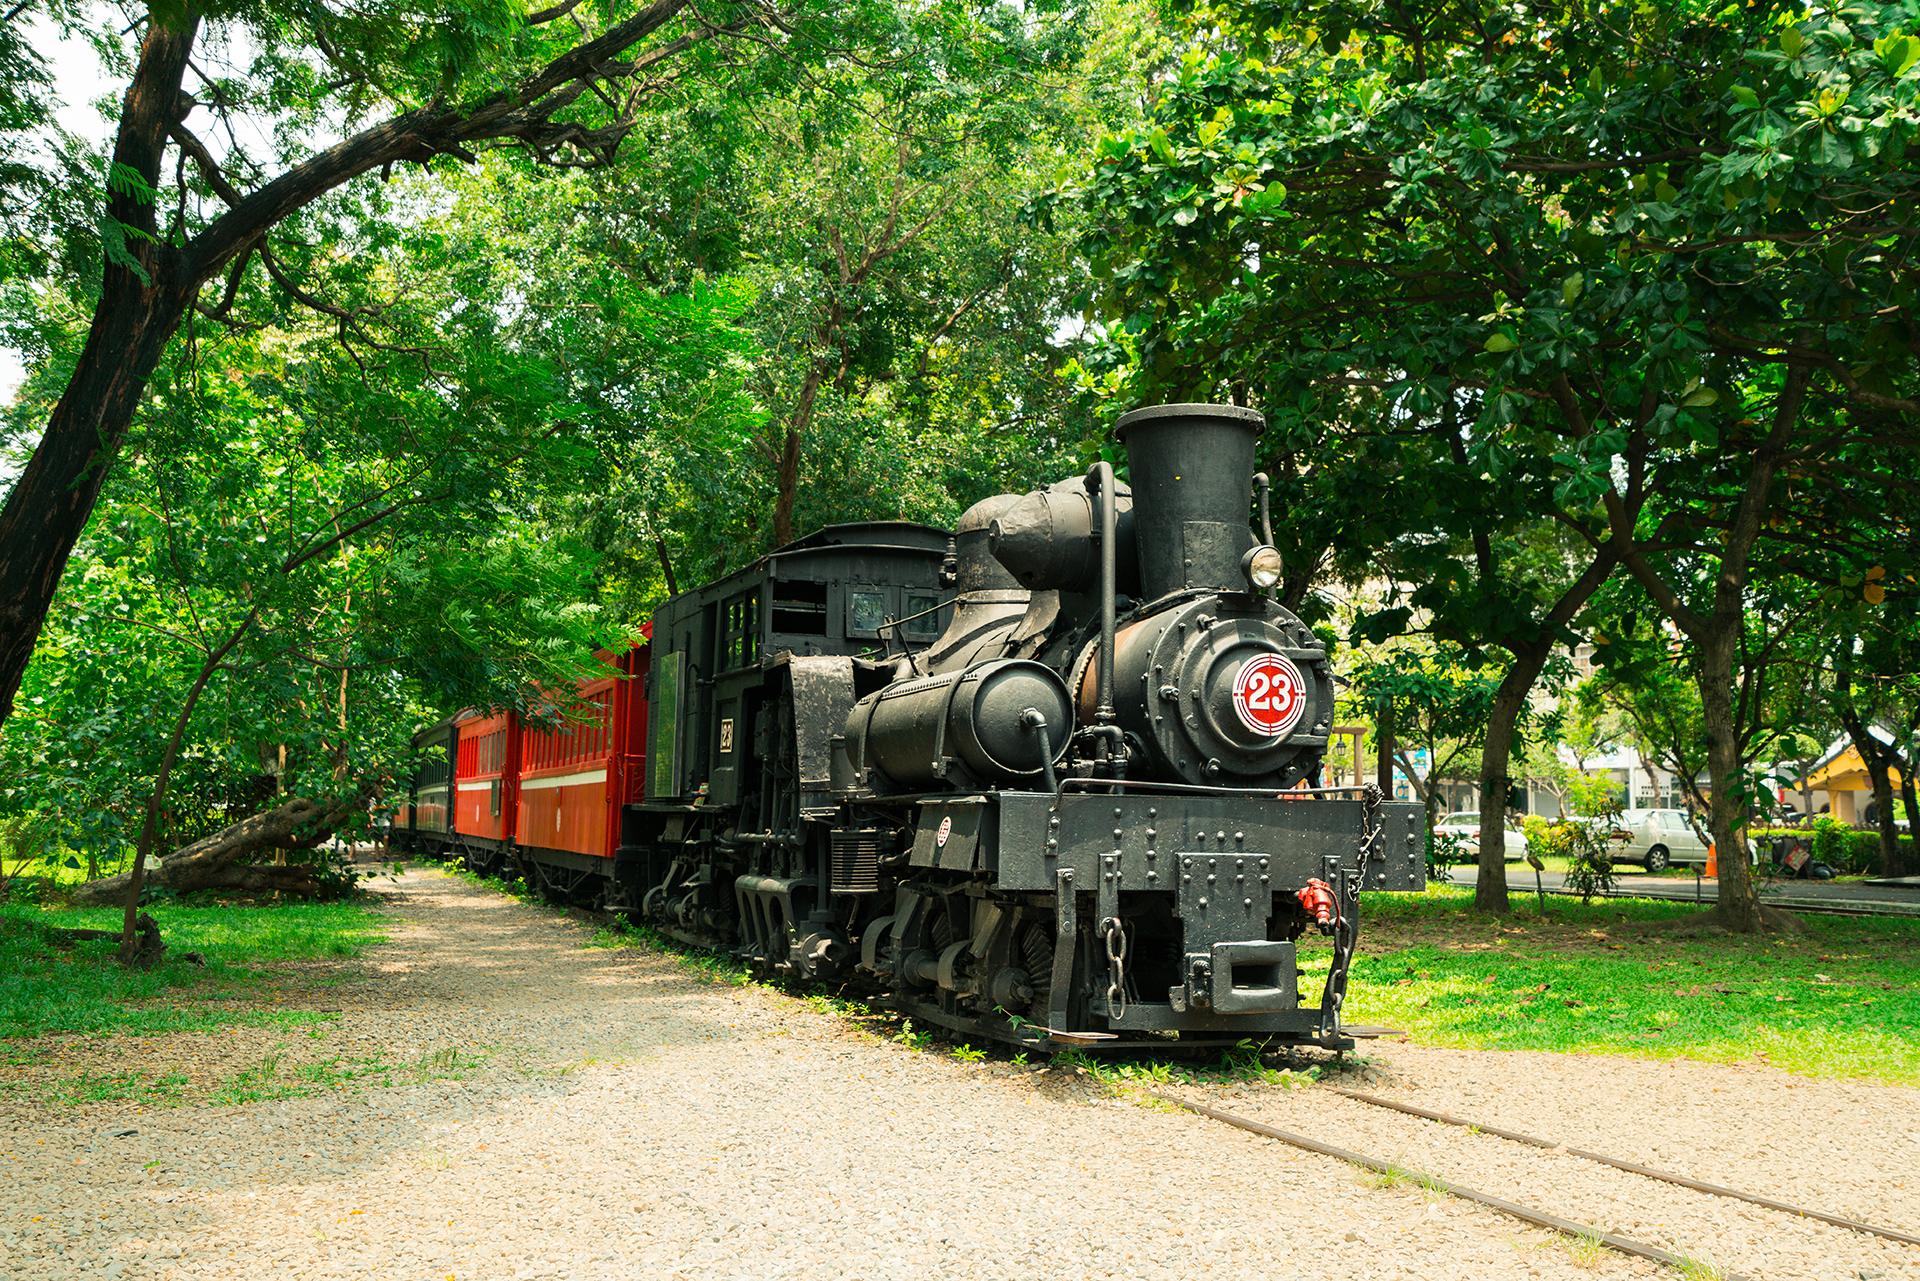 25號蒸汽火車